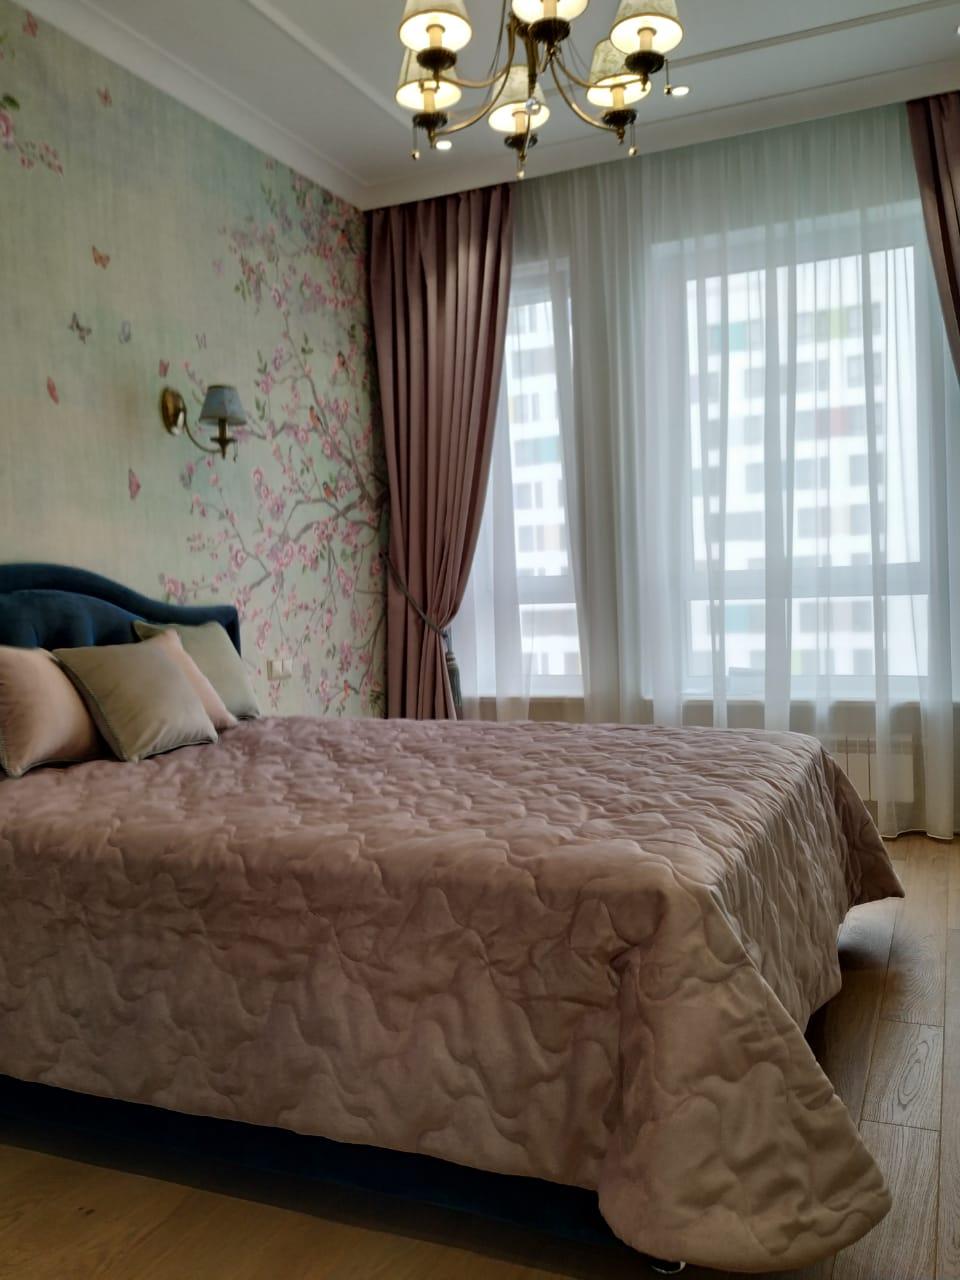 Шторы в спальню ШСП023. Комплект текстильных изделий бежевых оттенков.